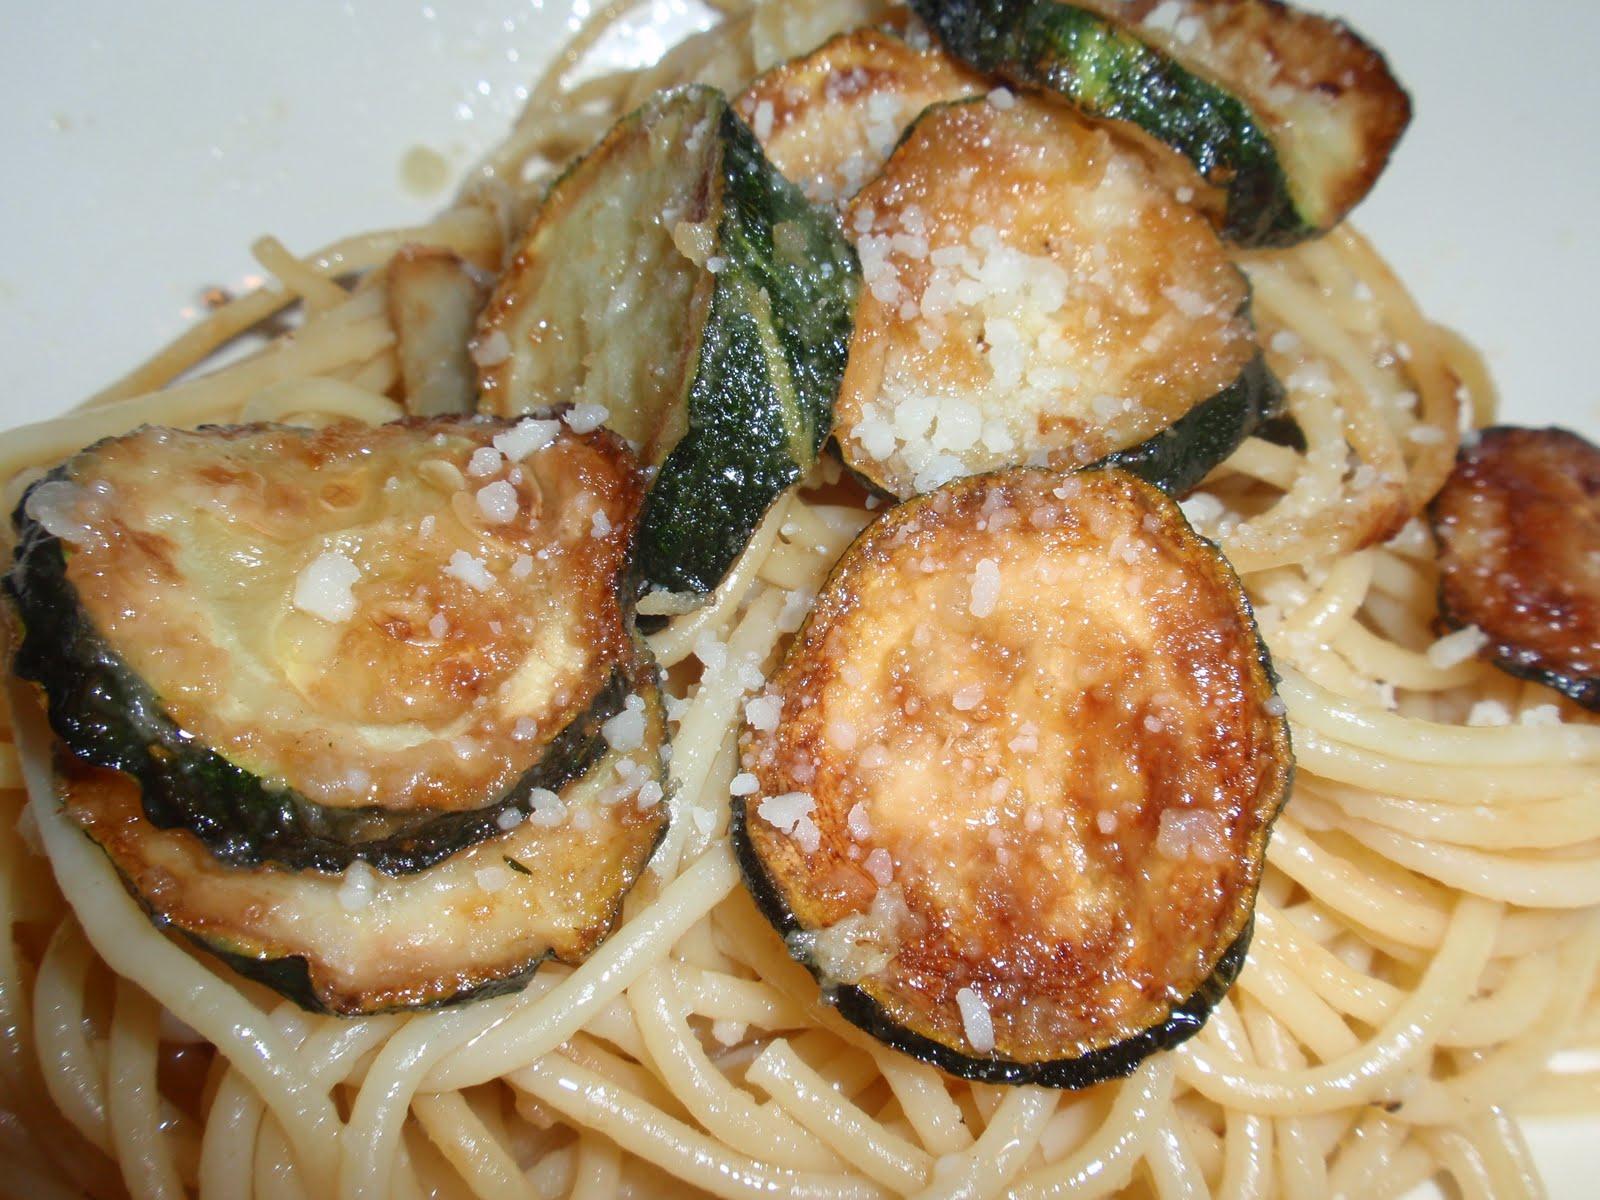 http://3.bp.blogspot.com/-eeBfCDLXwa0/TcntBMBG0zI/AAAAAAAAAr0/oIoD9GJxiJY/s1600/Spaghetti+with+Zucchini+and+Lemon+%25284%2529.JPG